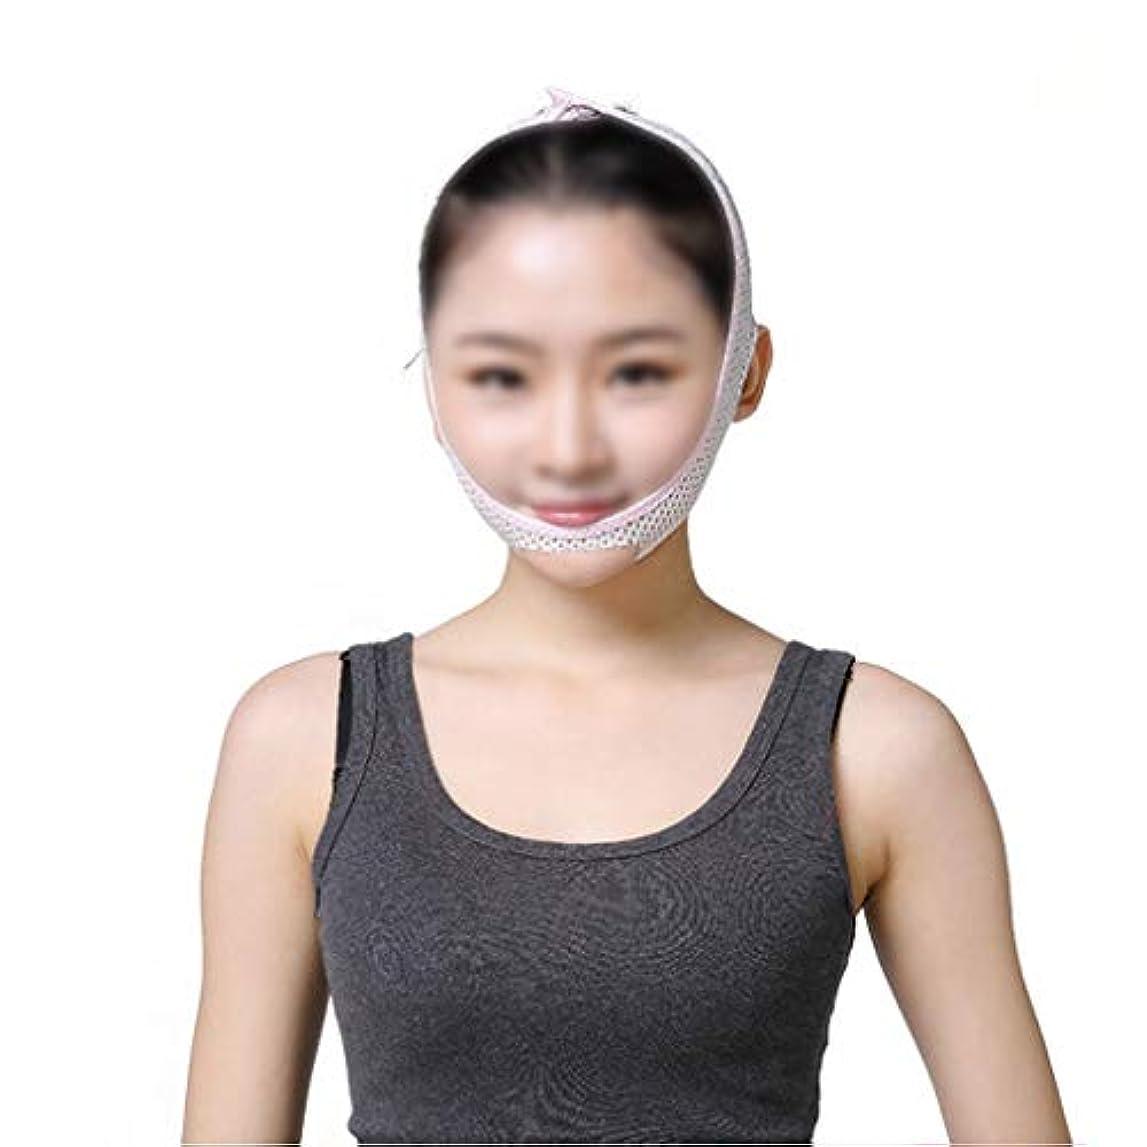 取得振動する困惑したGLJJQMY 薄い顔のマスク快適な 引き締め肌の引き締め睡眠薄い顔のアーティファクト抗しわ除去二重あご術後回復マスク 顔用整形マスク